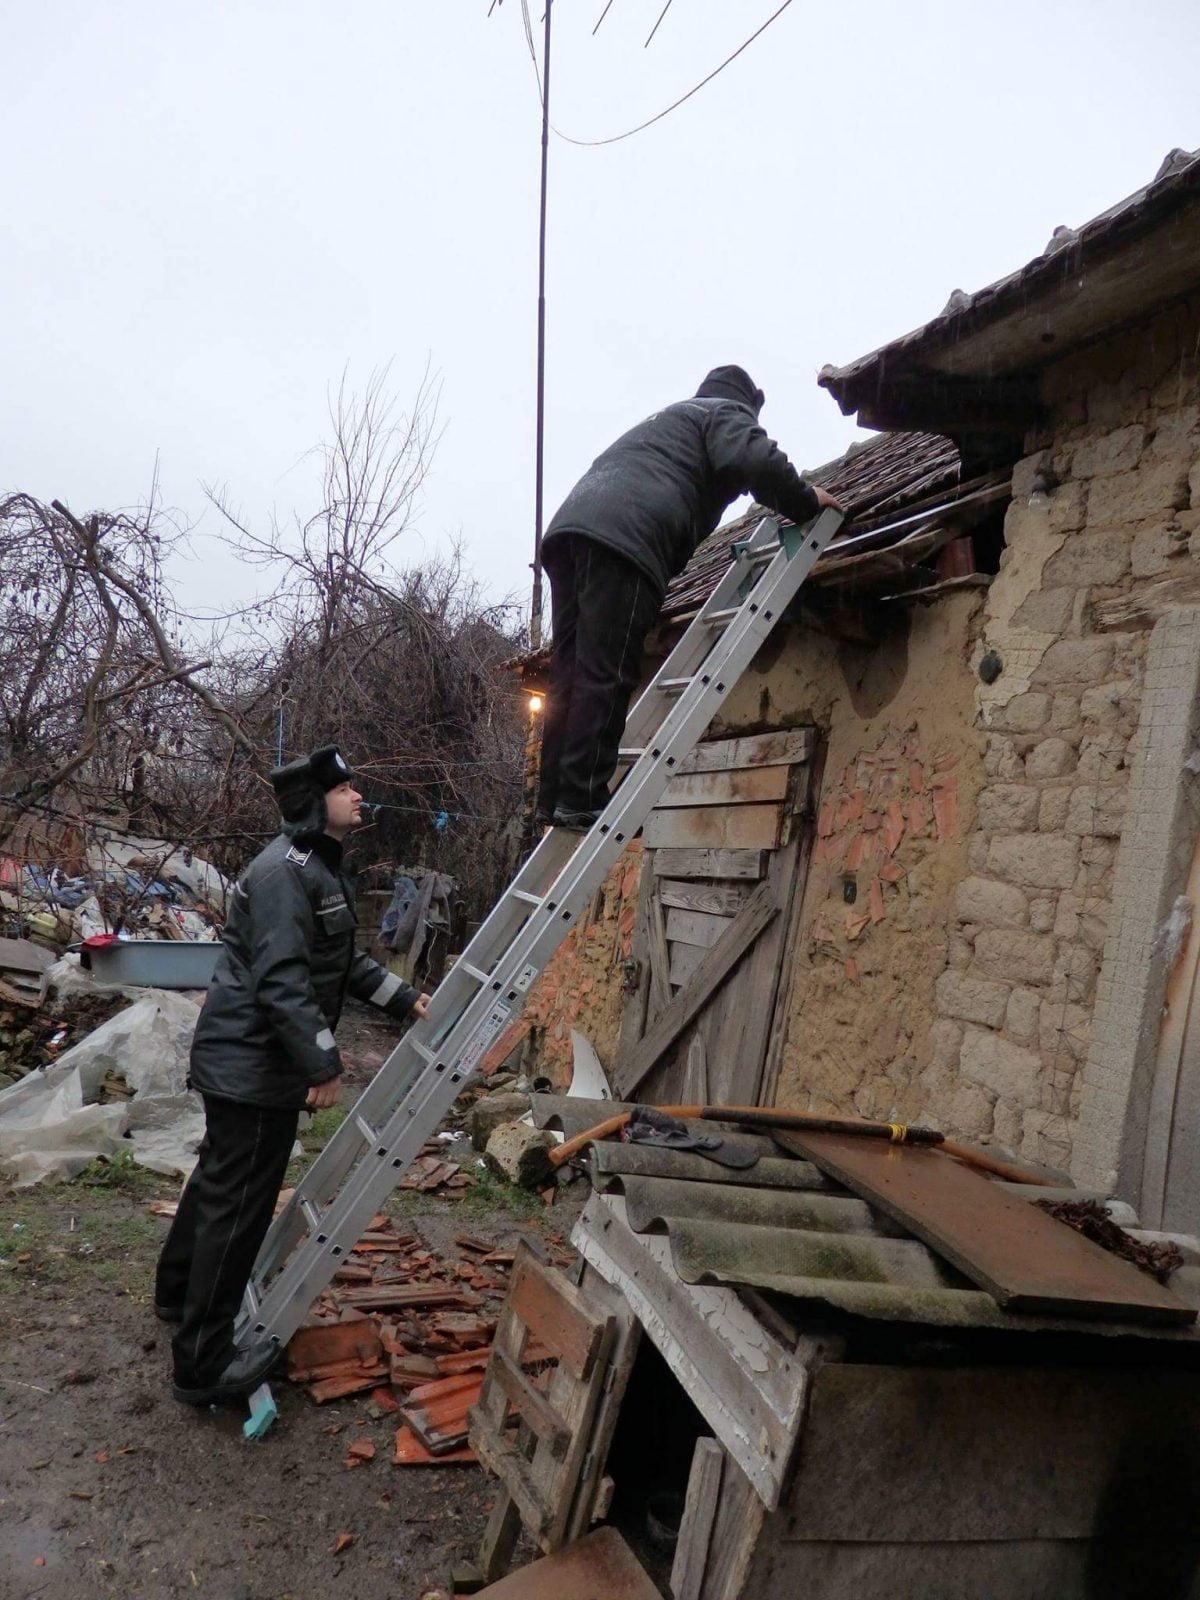 Poliția locală din Medieș a oprit un bărbat care voia să se spânzure în podul casei unor vecini